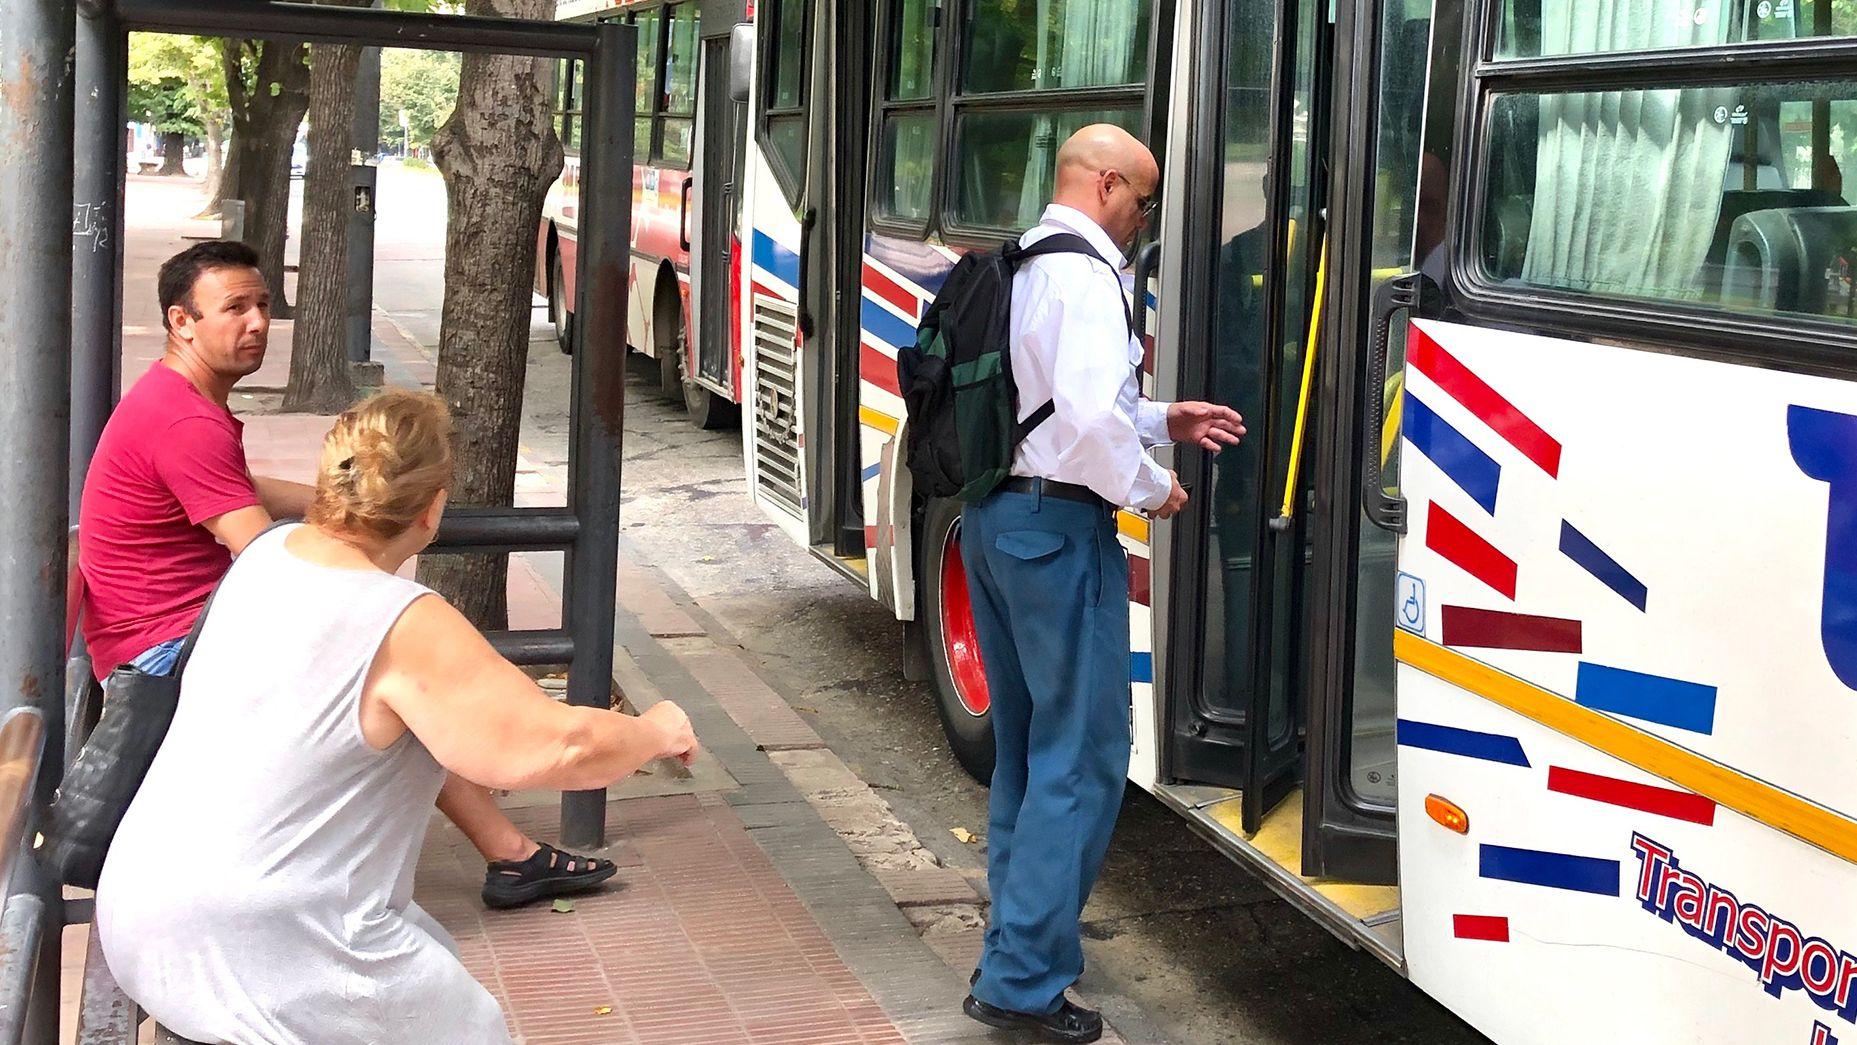 lineas-de-colectivos-hacen-subir-por-atras-a-los-pasajeros